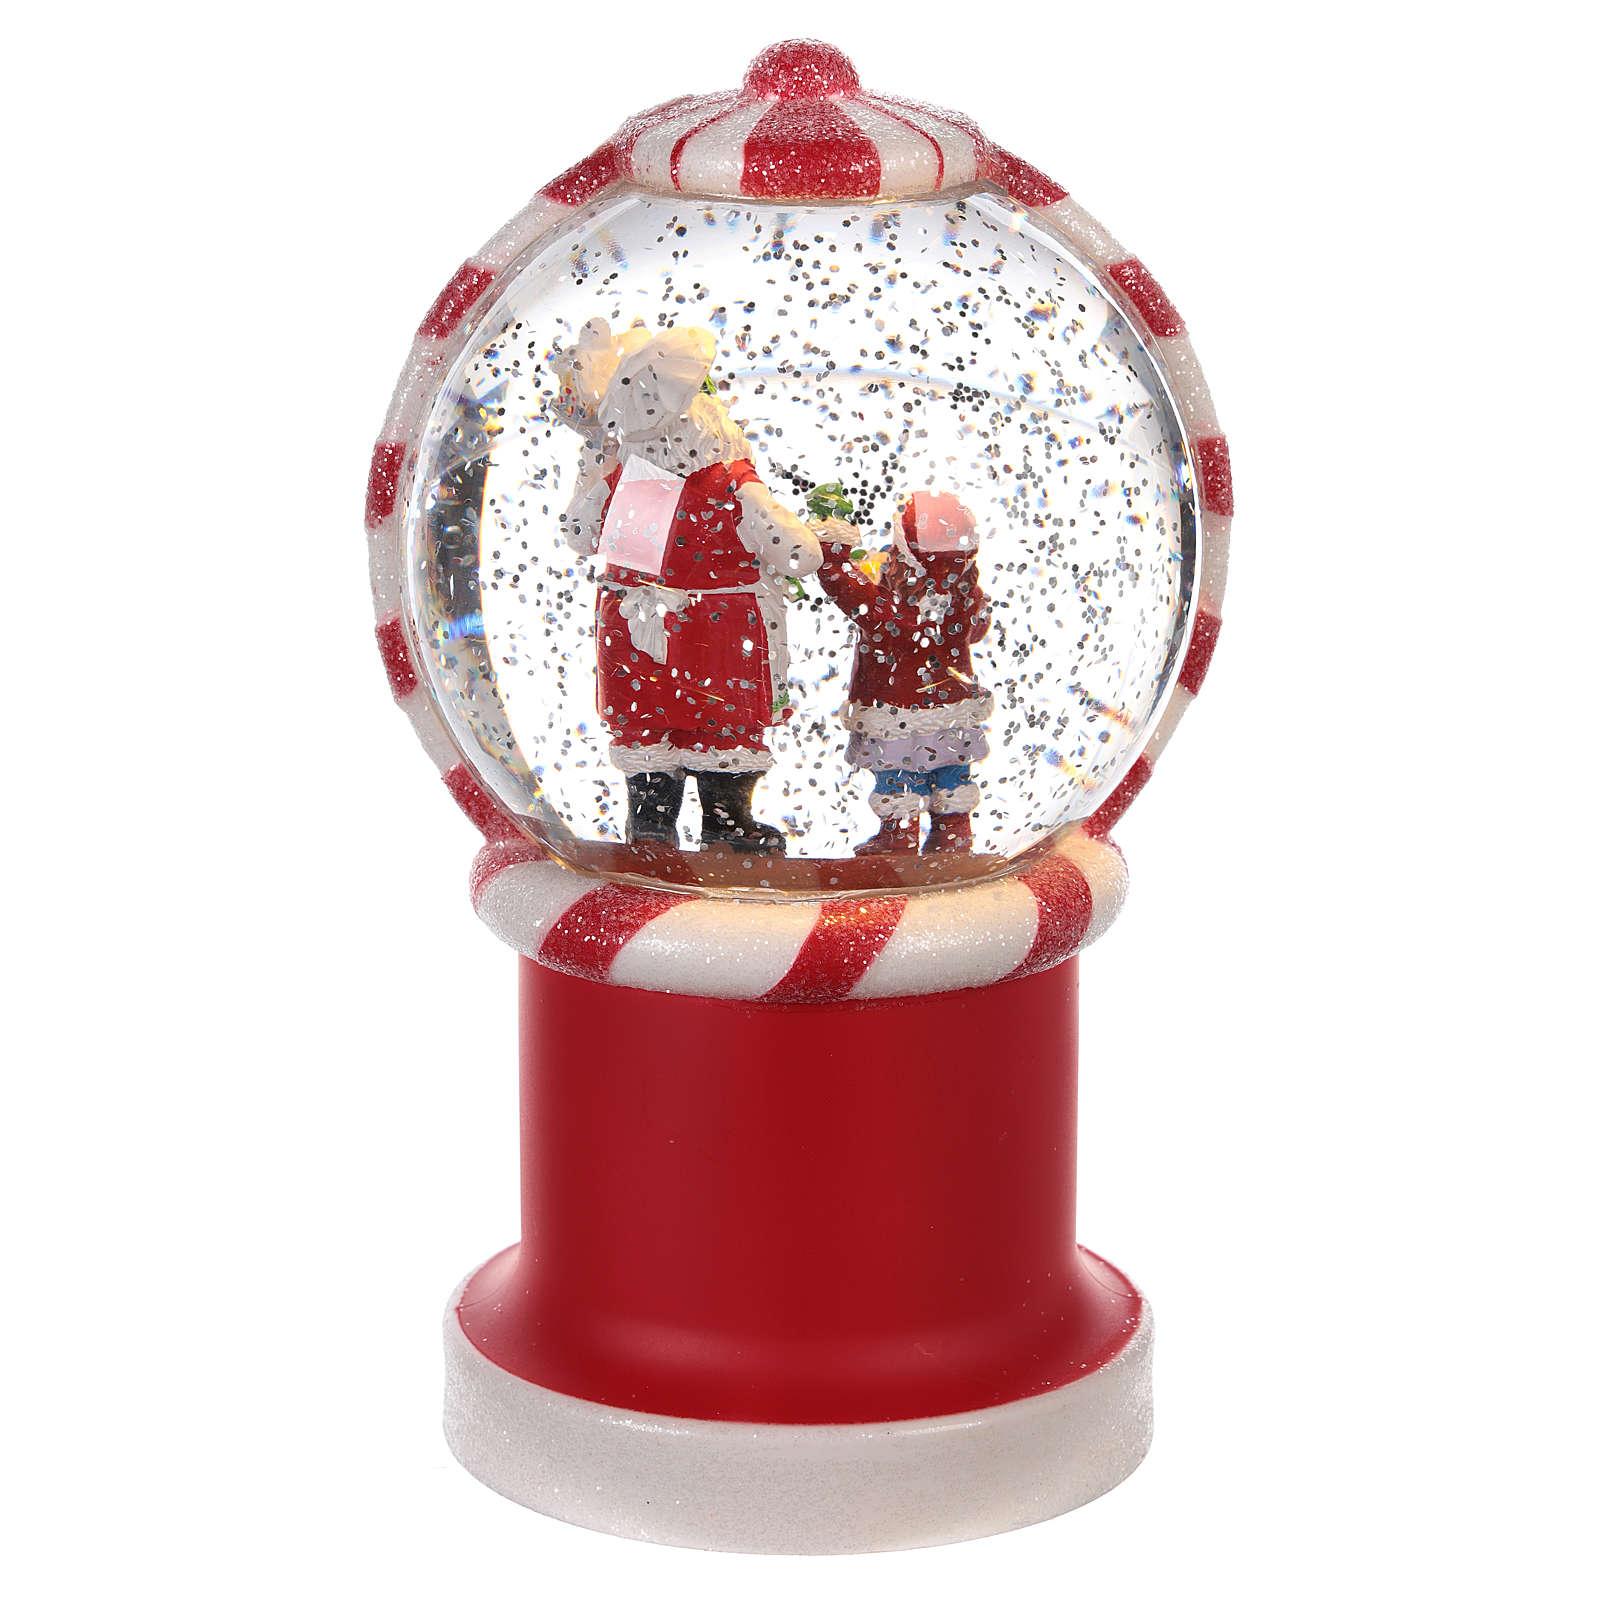 Kula śnieżna dozownik cukierków ze Świętym Mikołajem 20x10 cm 3